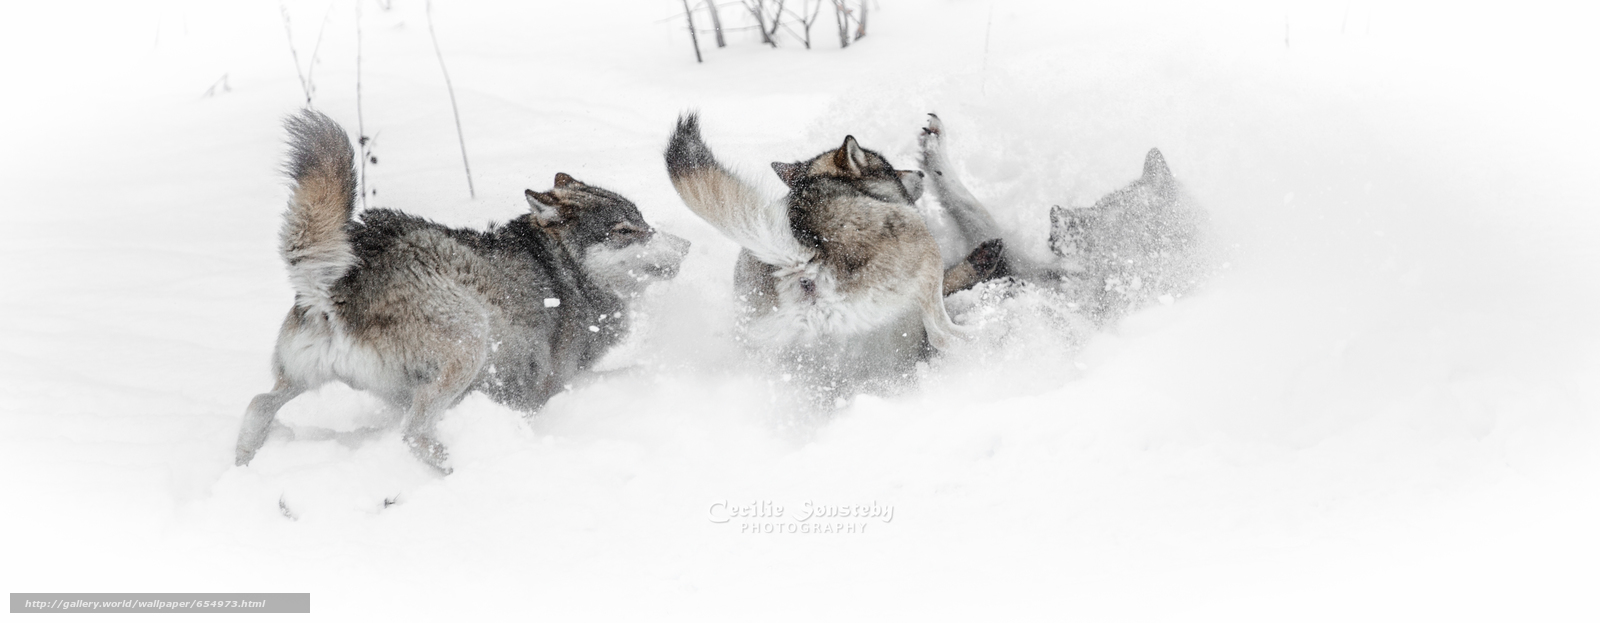 Tlcharger Fond d'ecran loup,  Wolves,  animaux,  hiver Fonds d'ecran gratuits pour votre rsolution du bureau 4850x1888 — image №654973